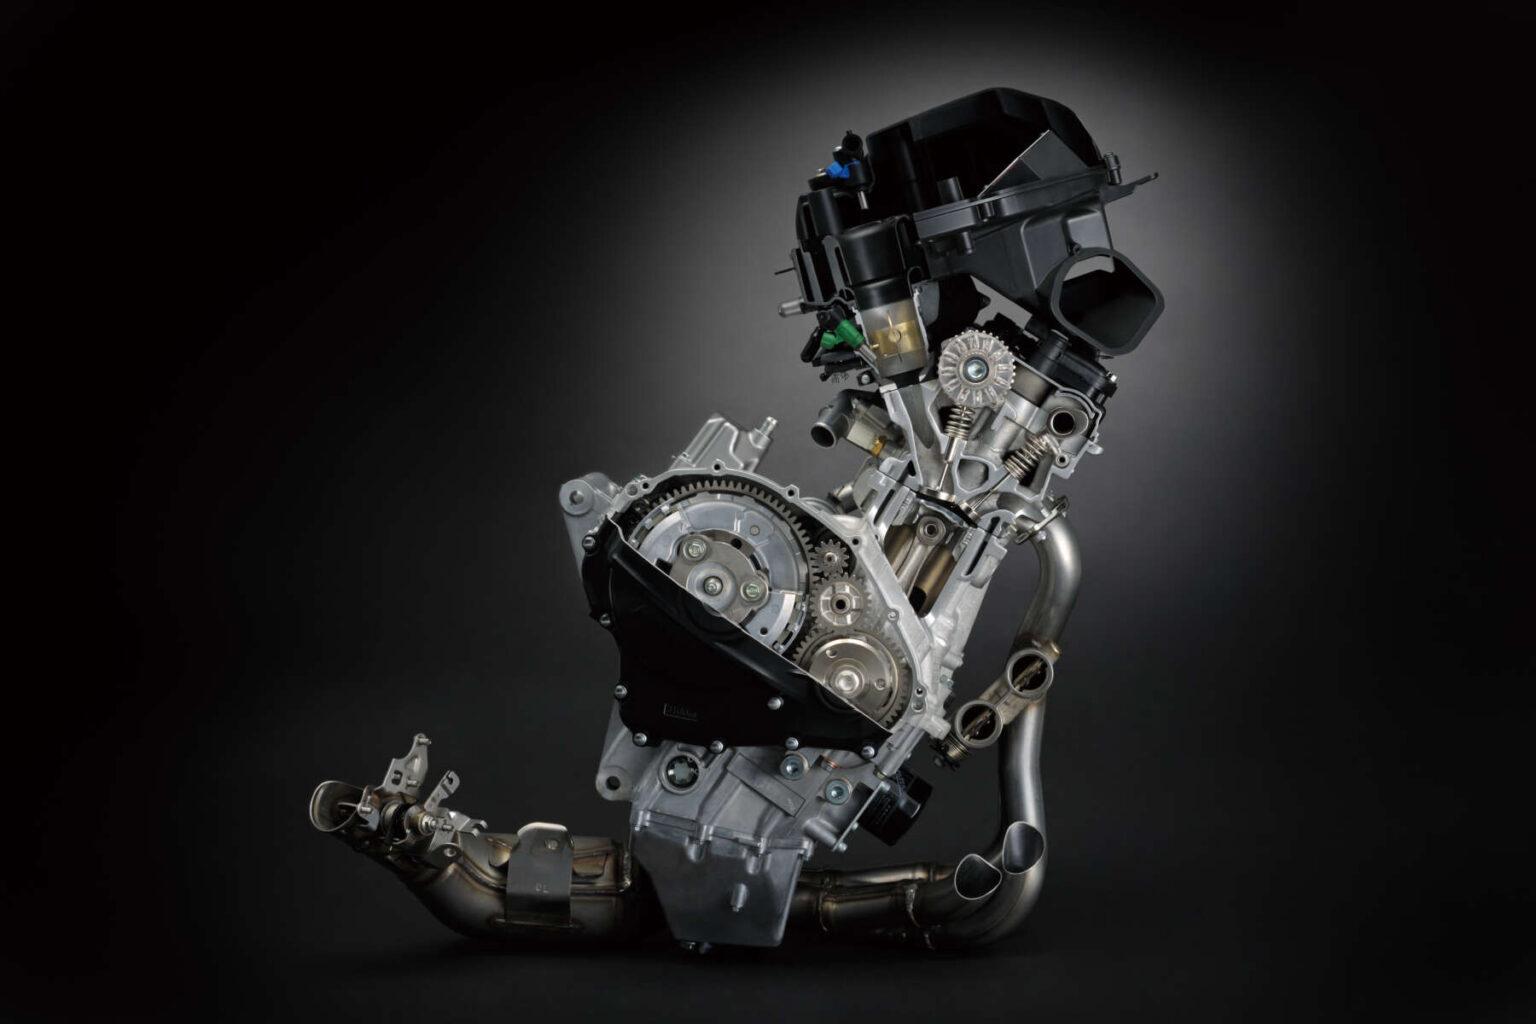 GSX-R1000Rエンジンカット写真